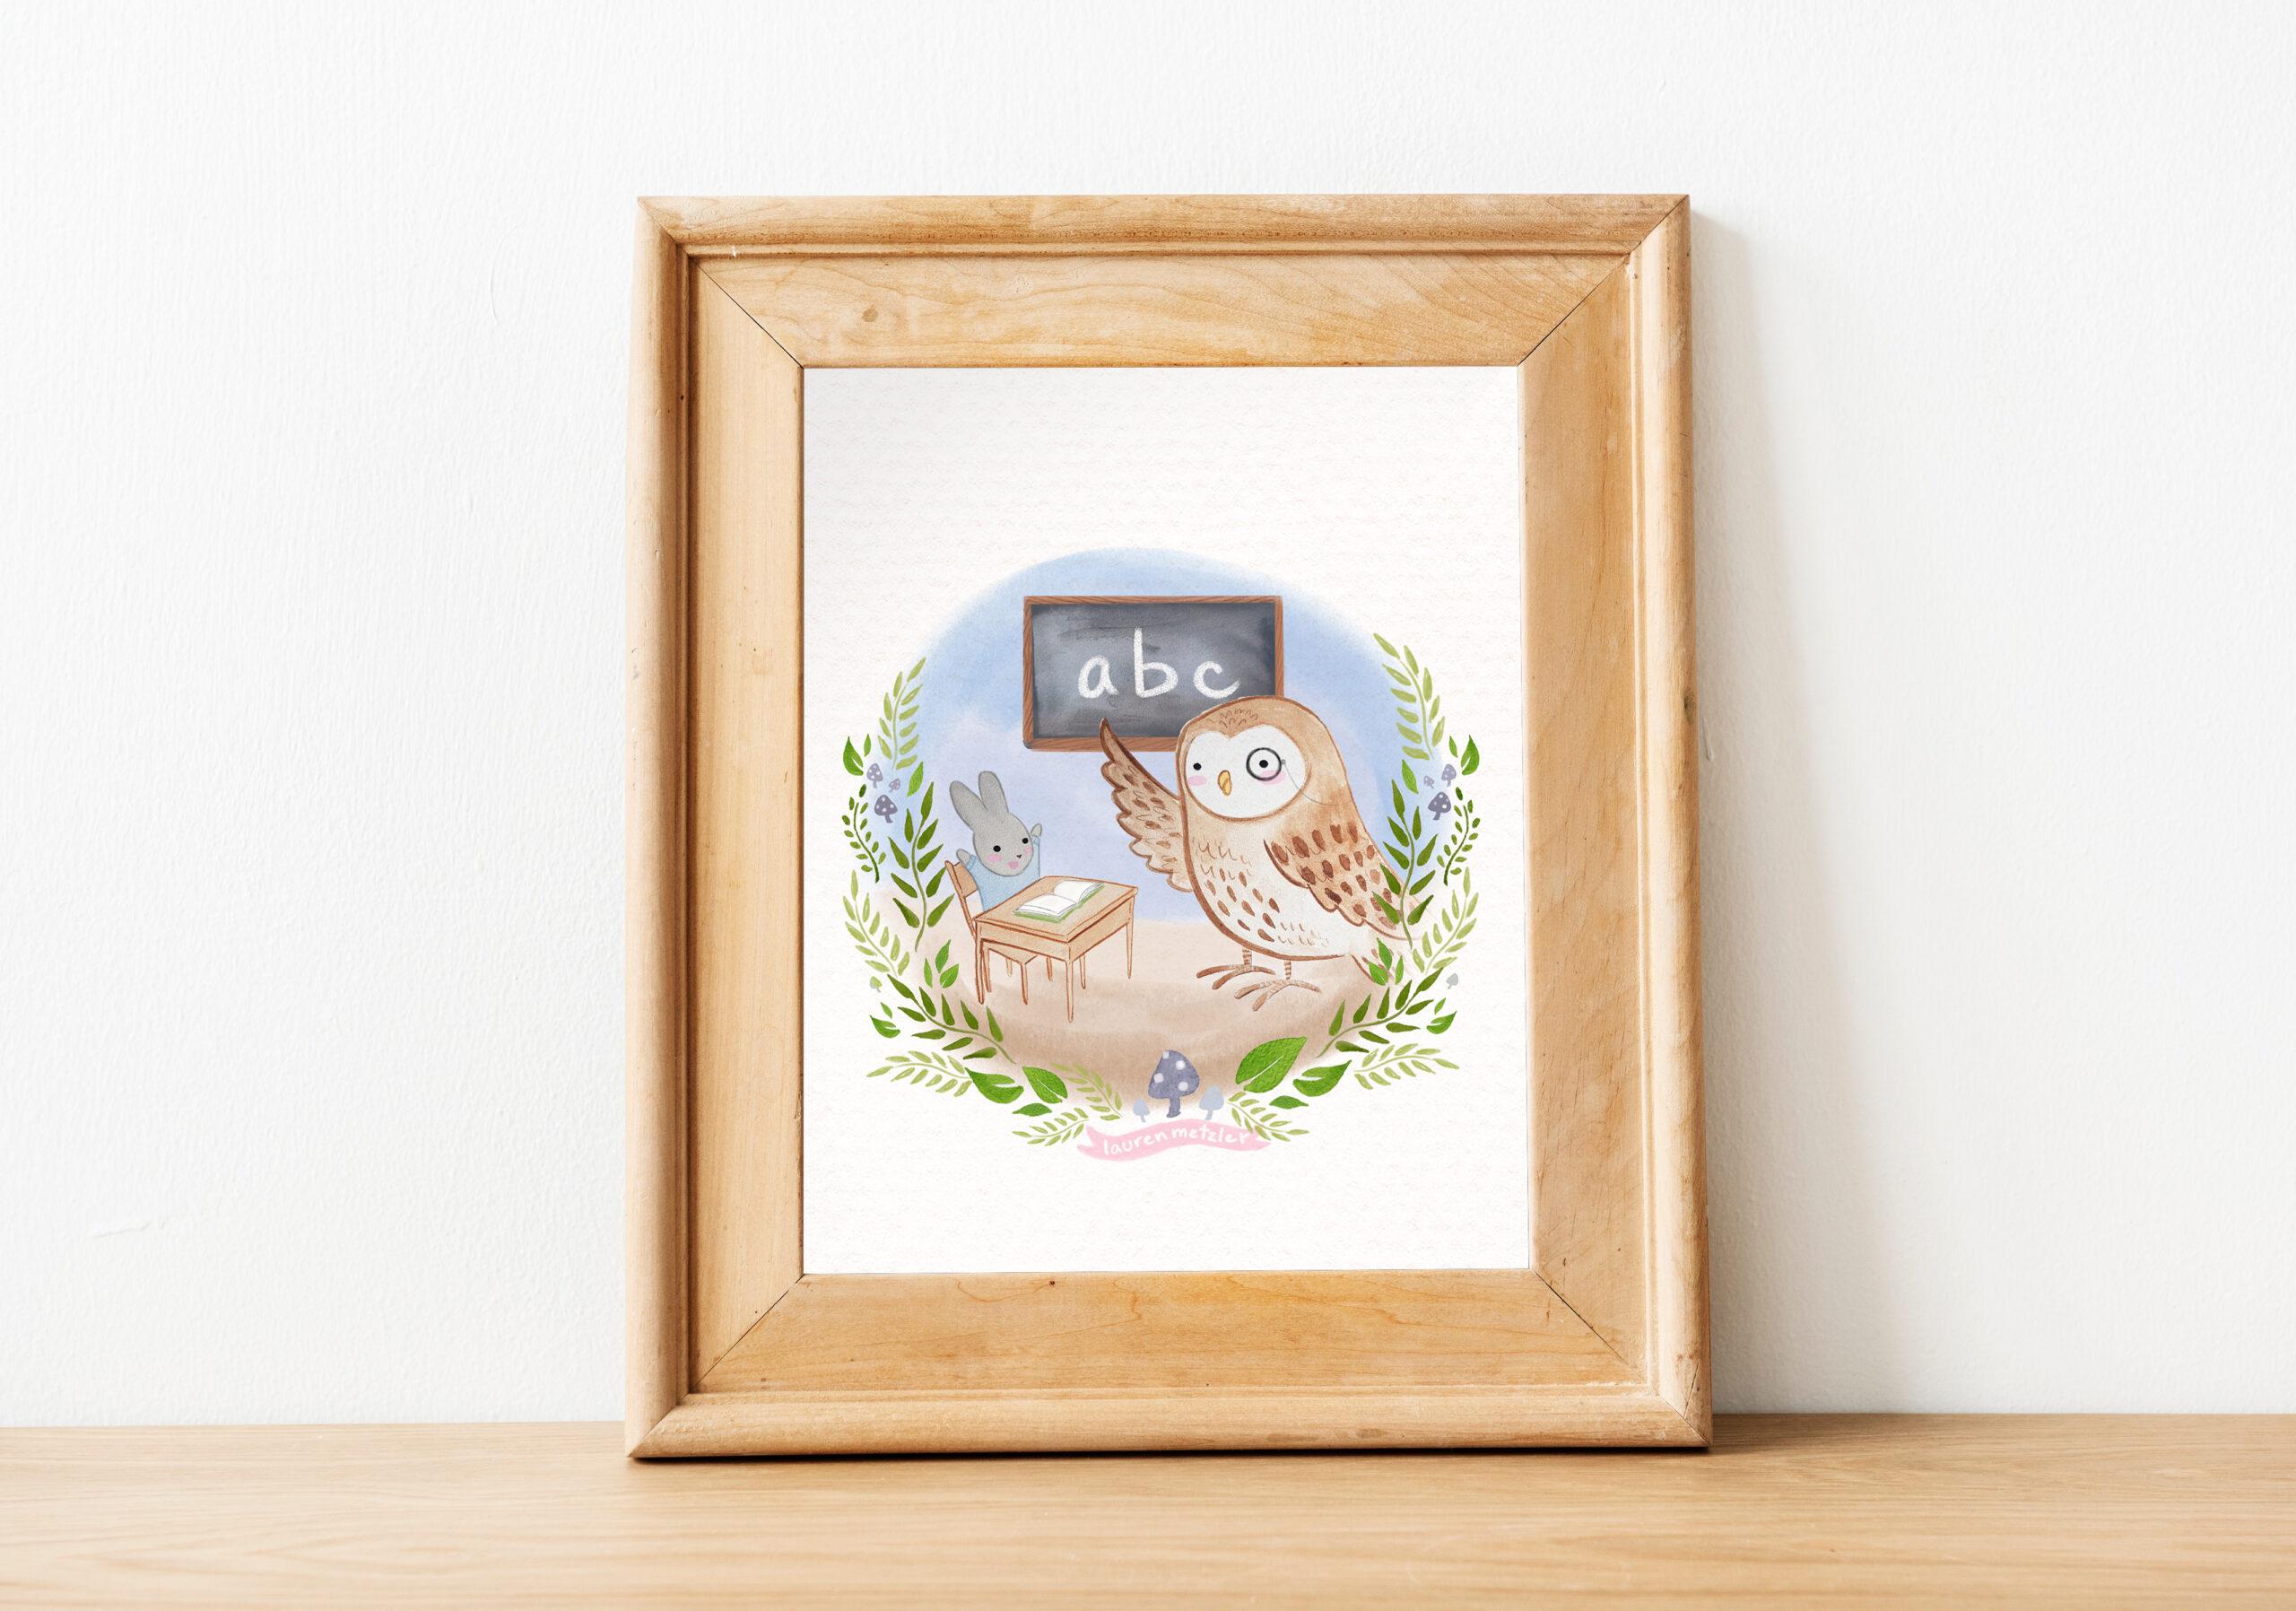 Baby Bunny and Teacher Owl print by Lauren Metzler. See more of my prints at laurenmetzler.com